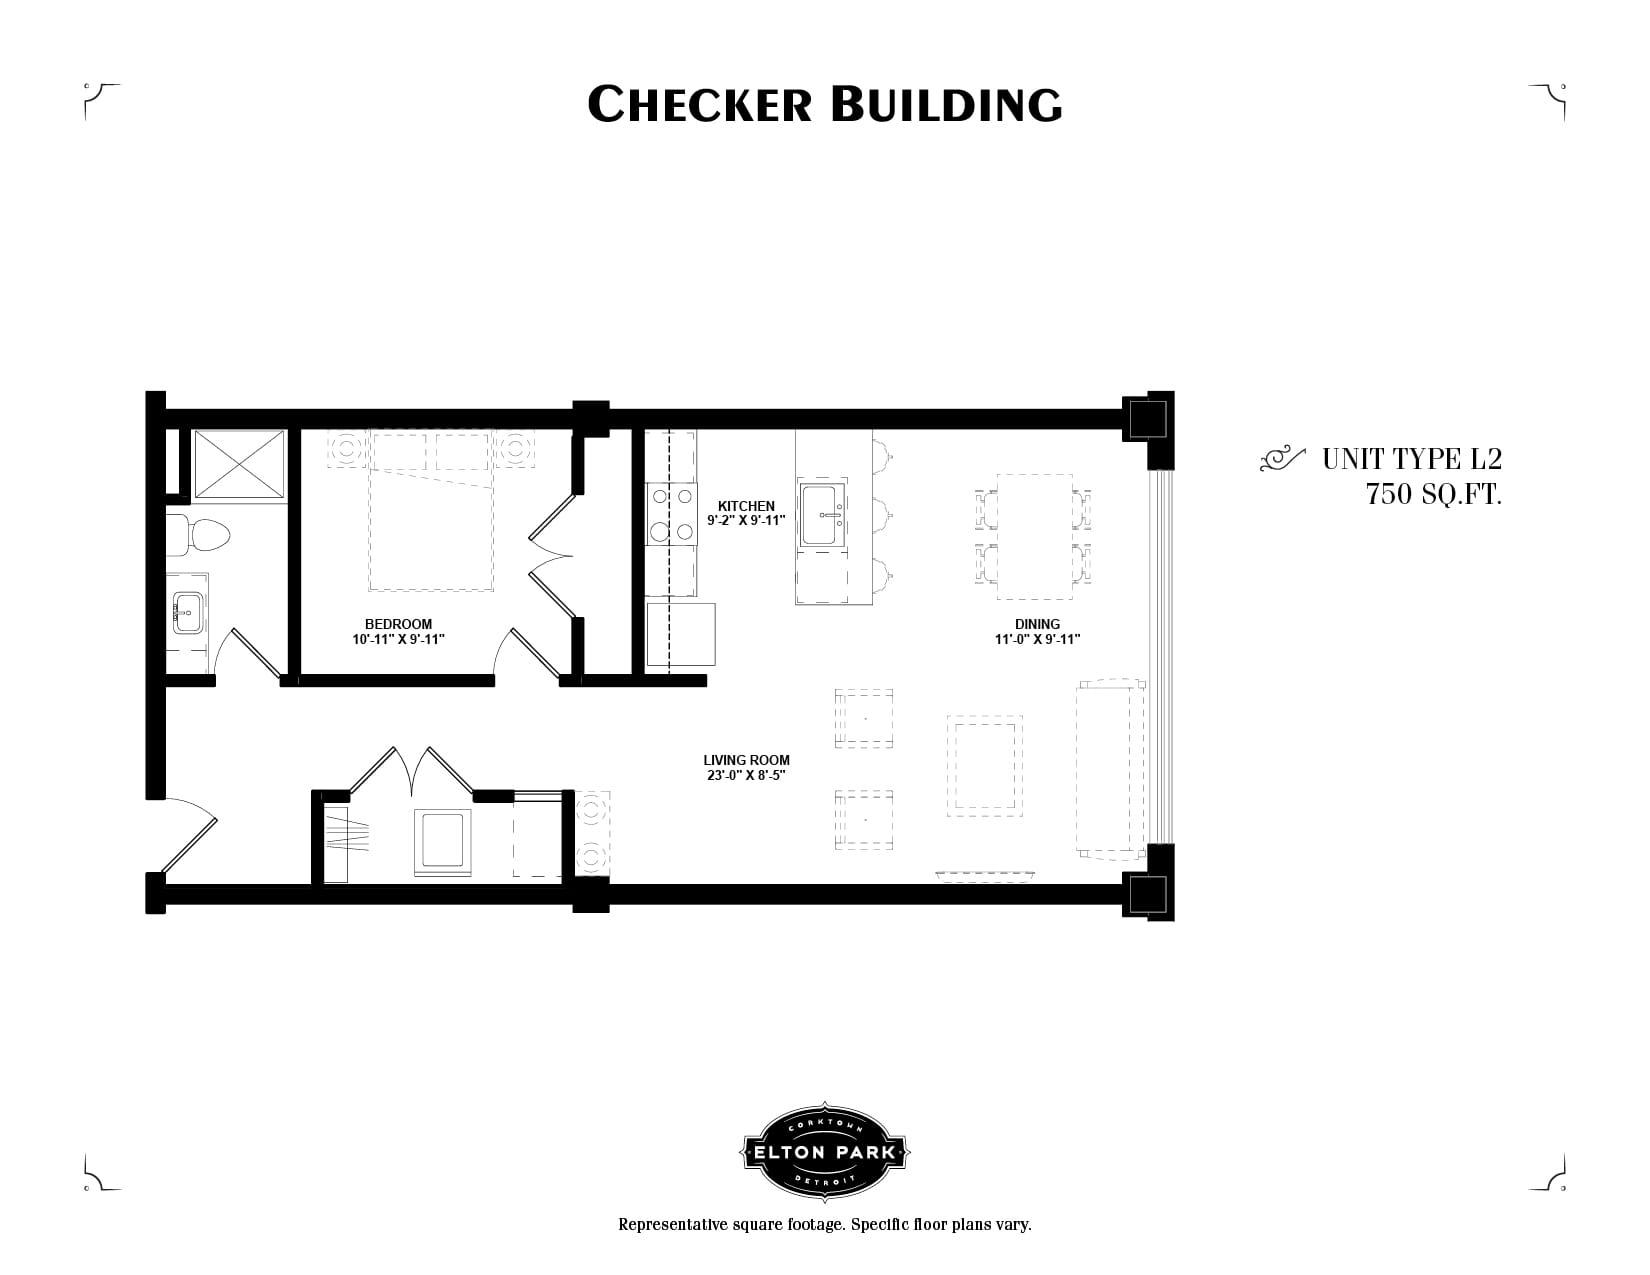 Checker Building Unit Type L2